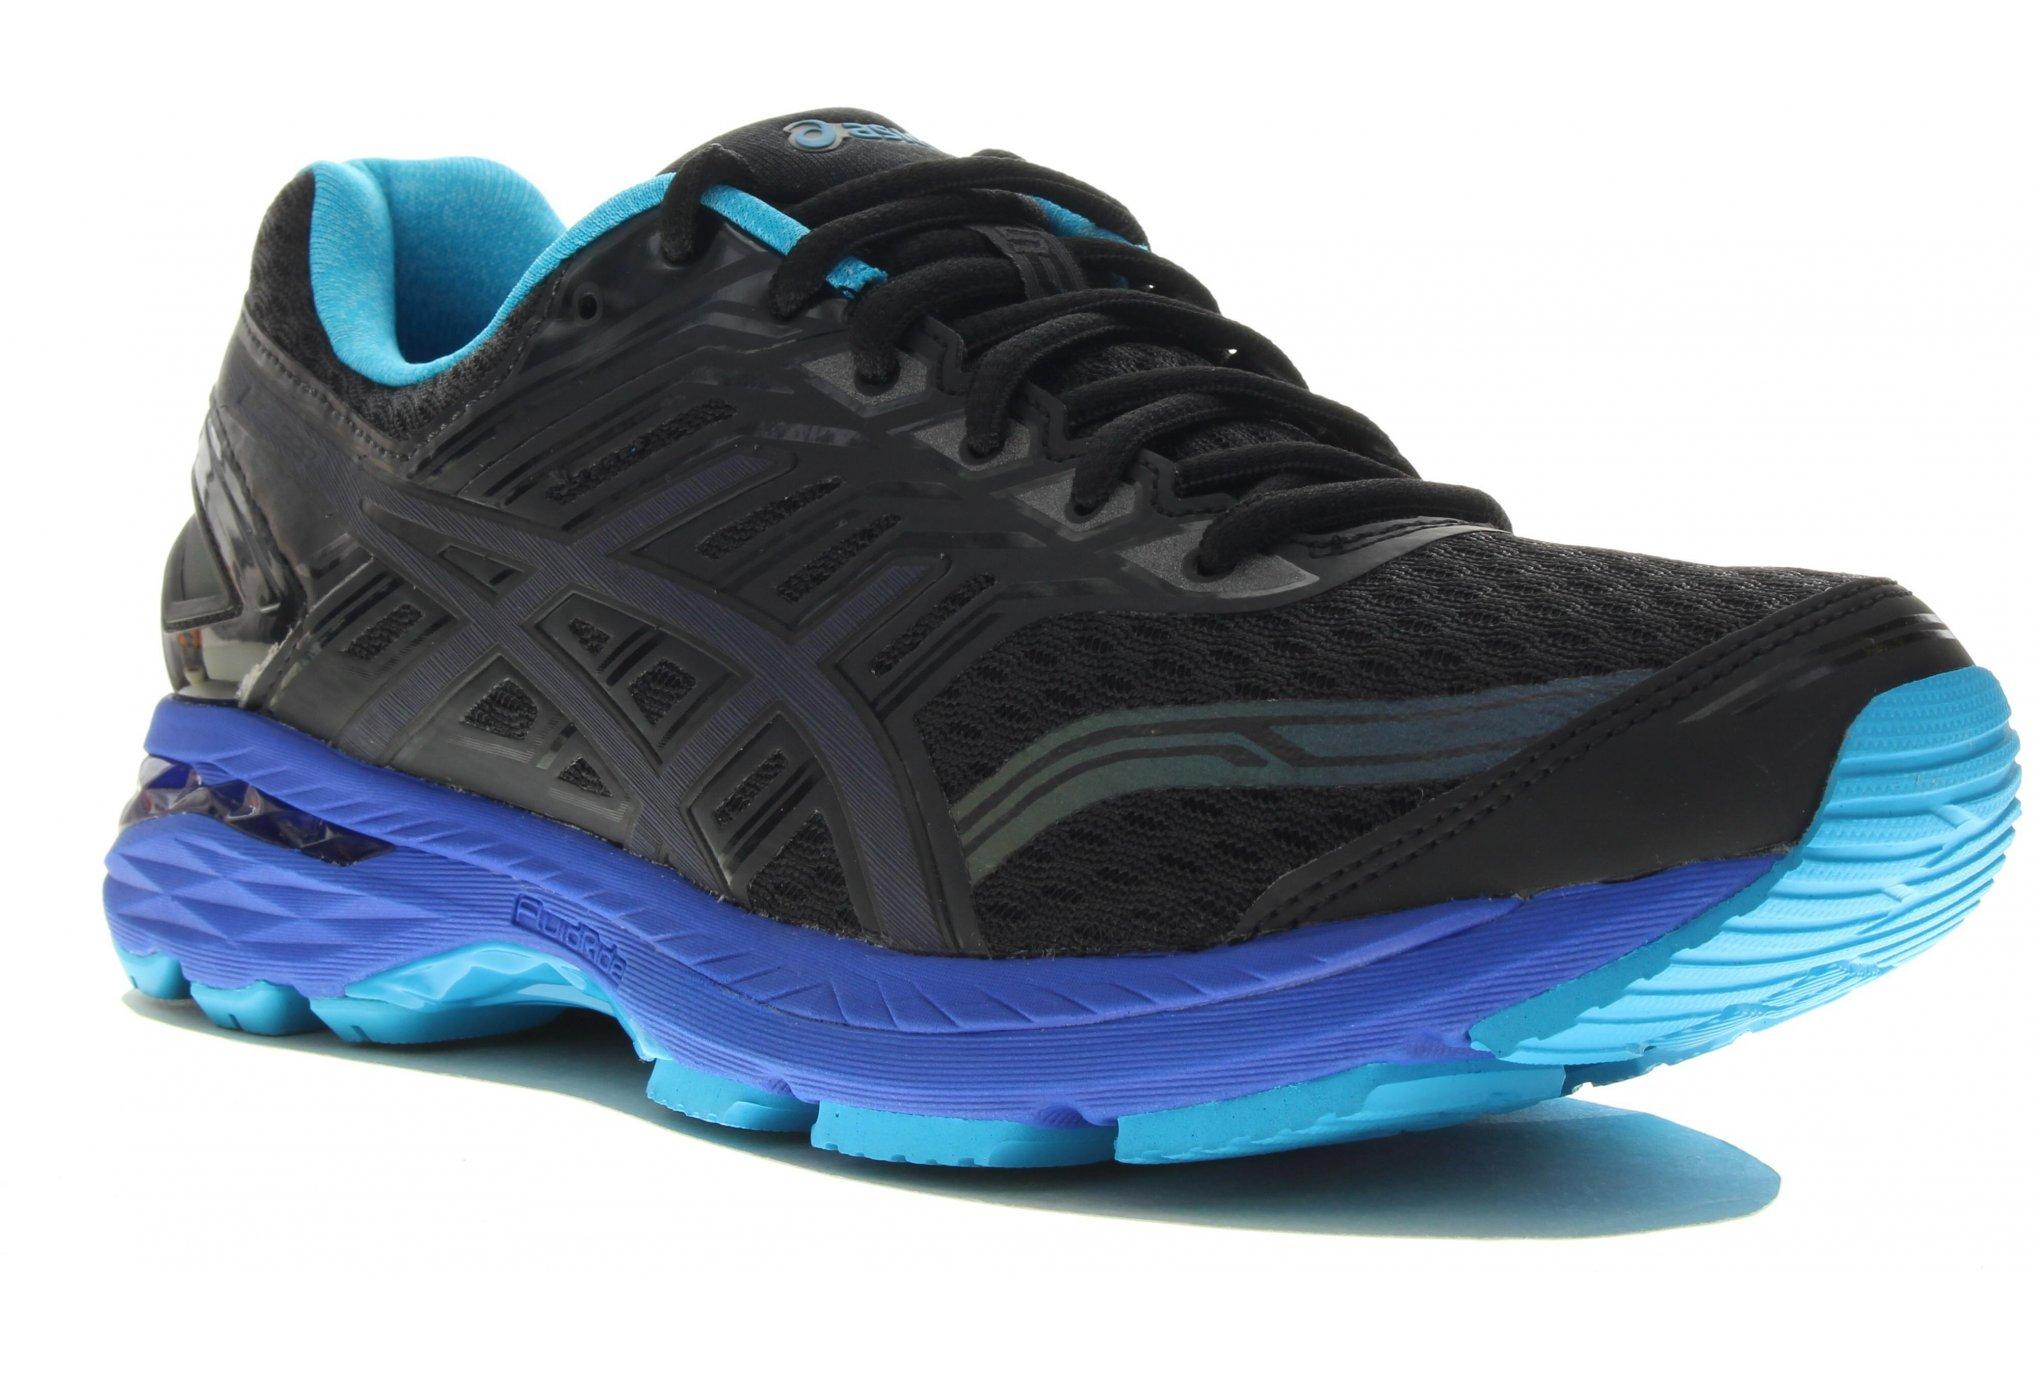 Asics GT-2000 5 Expert W Diététique Chaussures femme